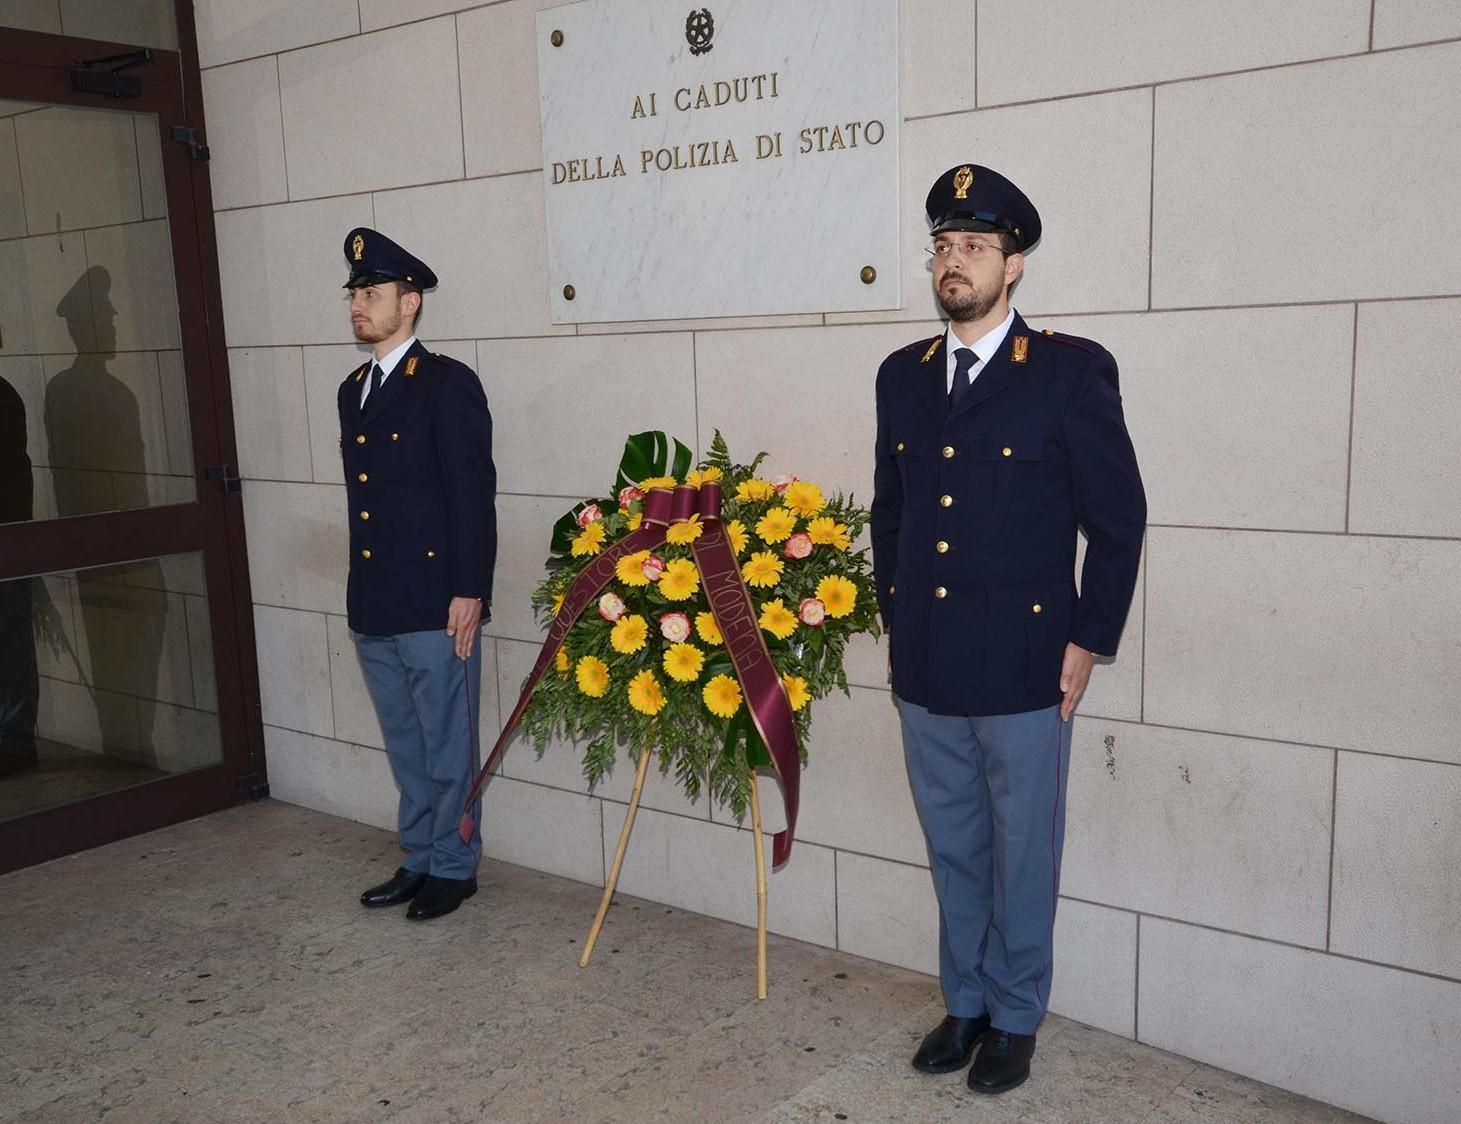 Polizia di stato questure sul web modena for Stato di polizia permesso di soggiorno